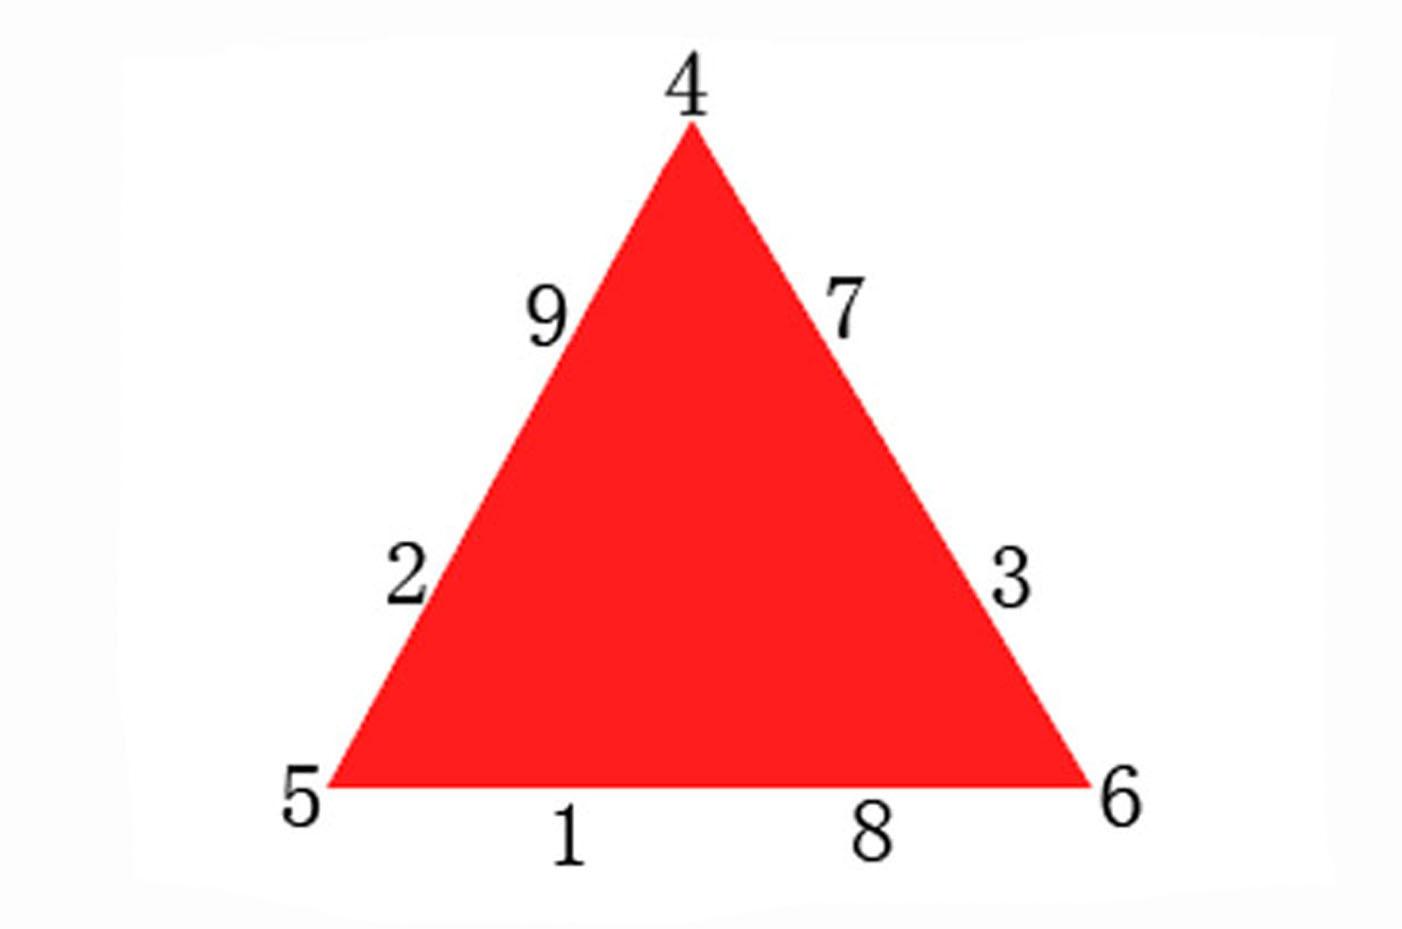 将1~9这9个数字填入下图每个小三角形中,使四个小三角形组成.图片